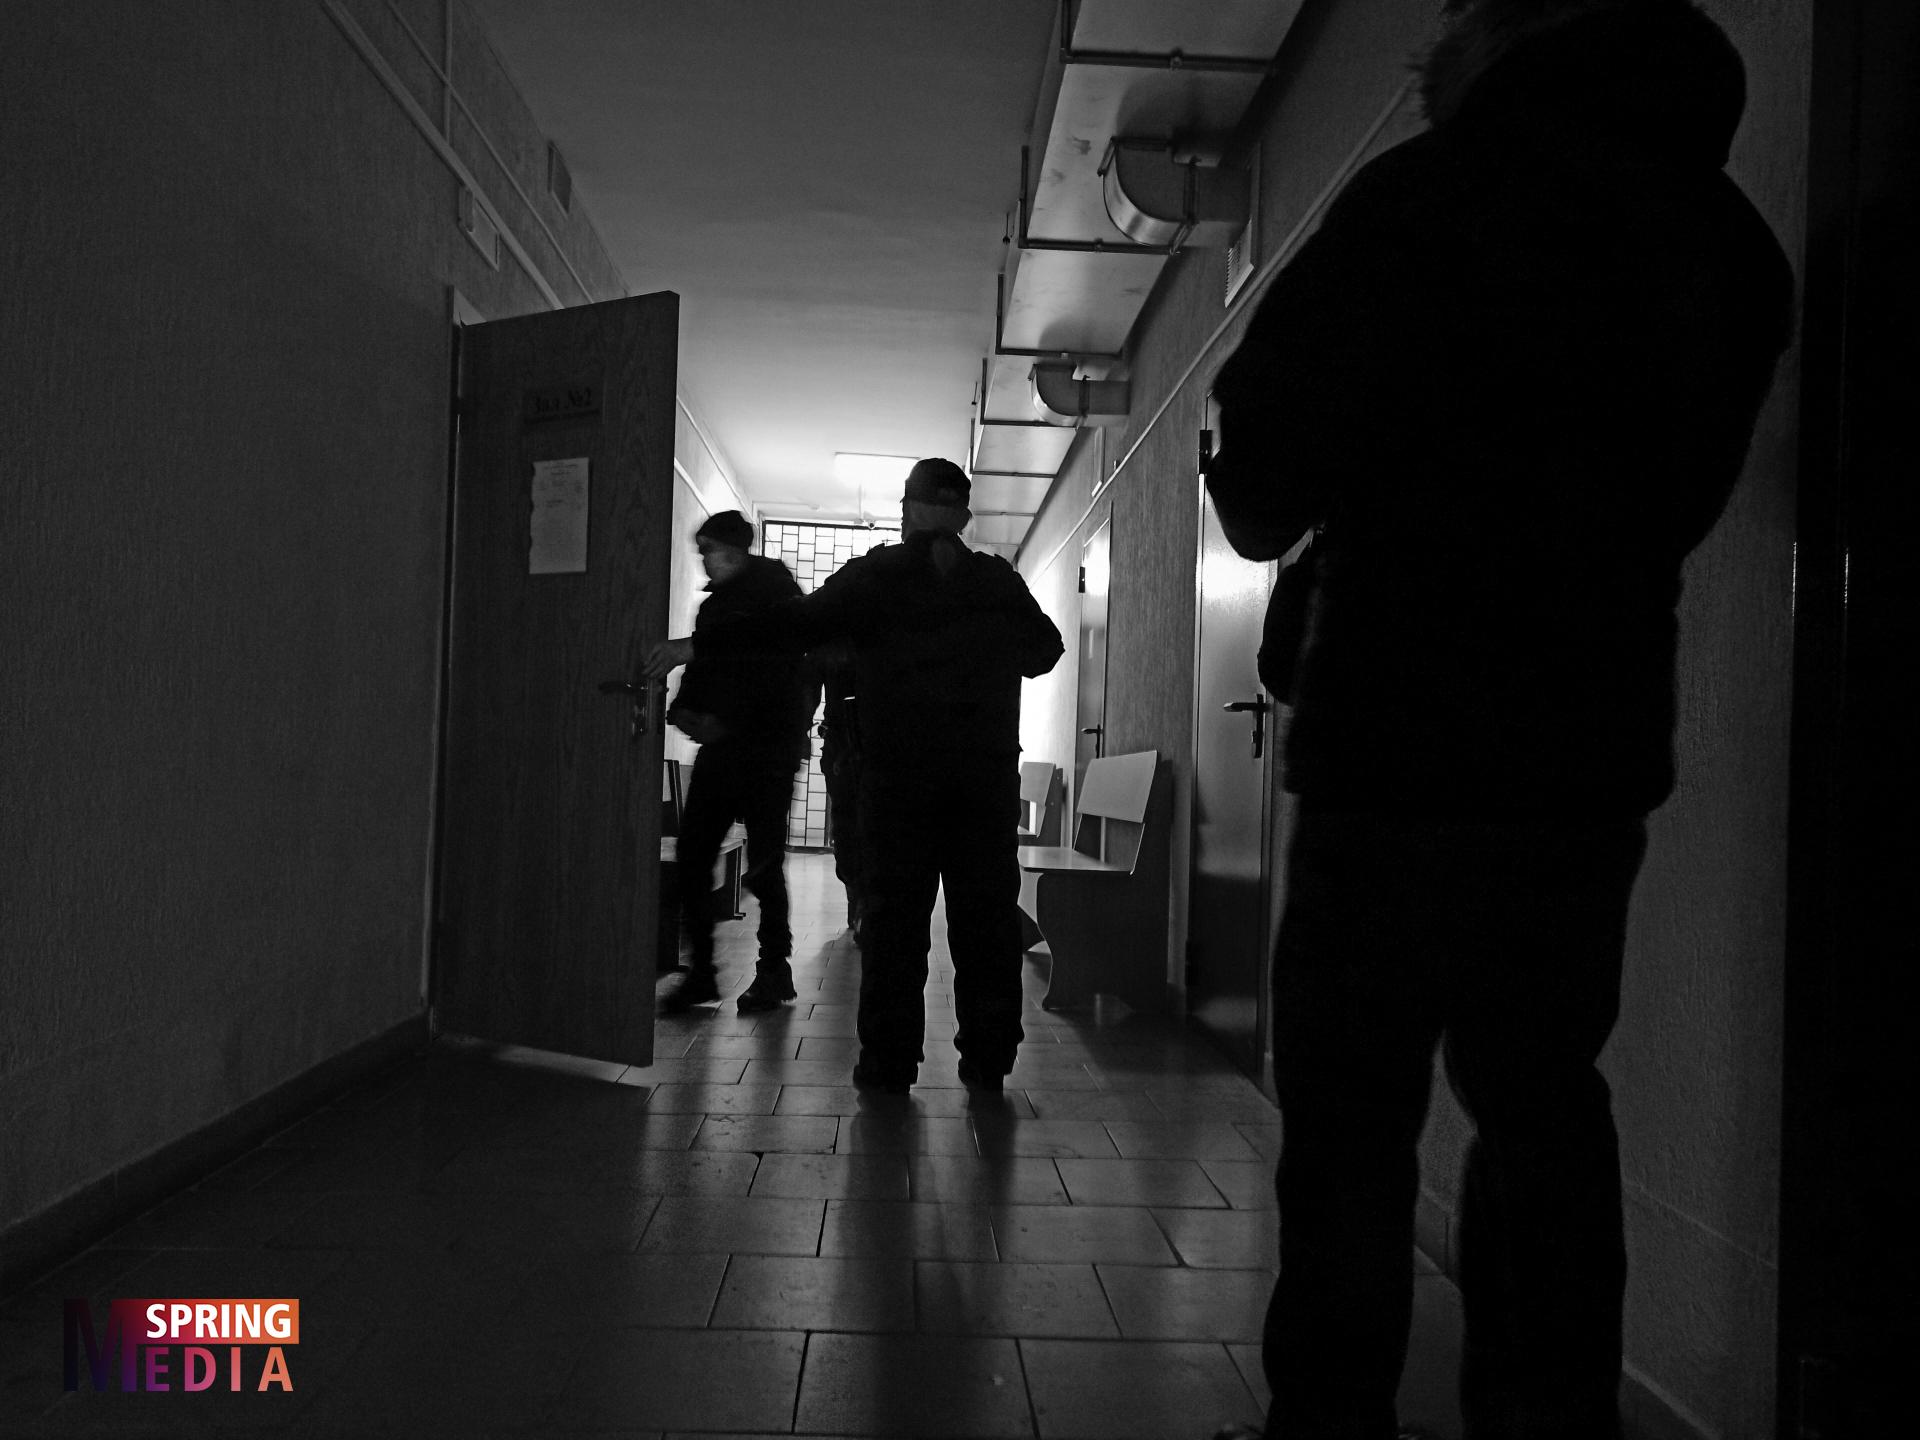 В Могилеве — самый странный суд по «политической уголовке» в стране. Процесс закрытый, фигурирует оружие